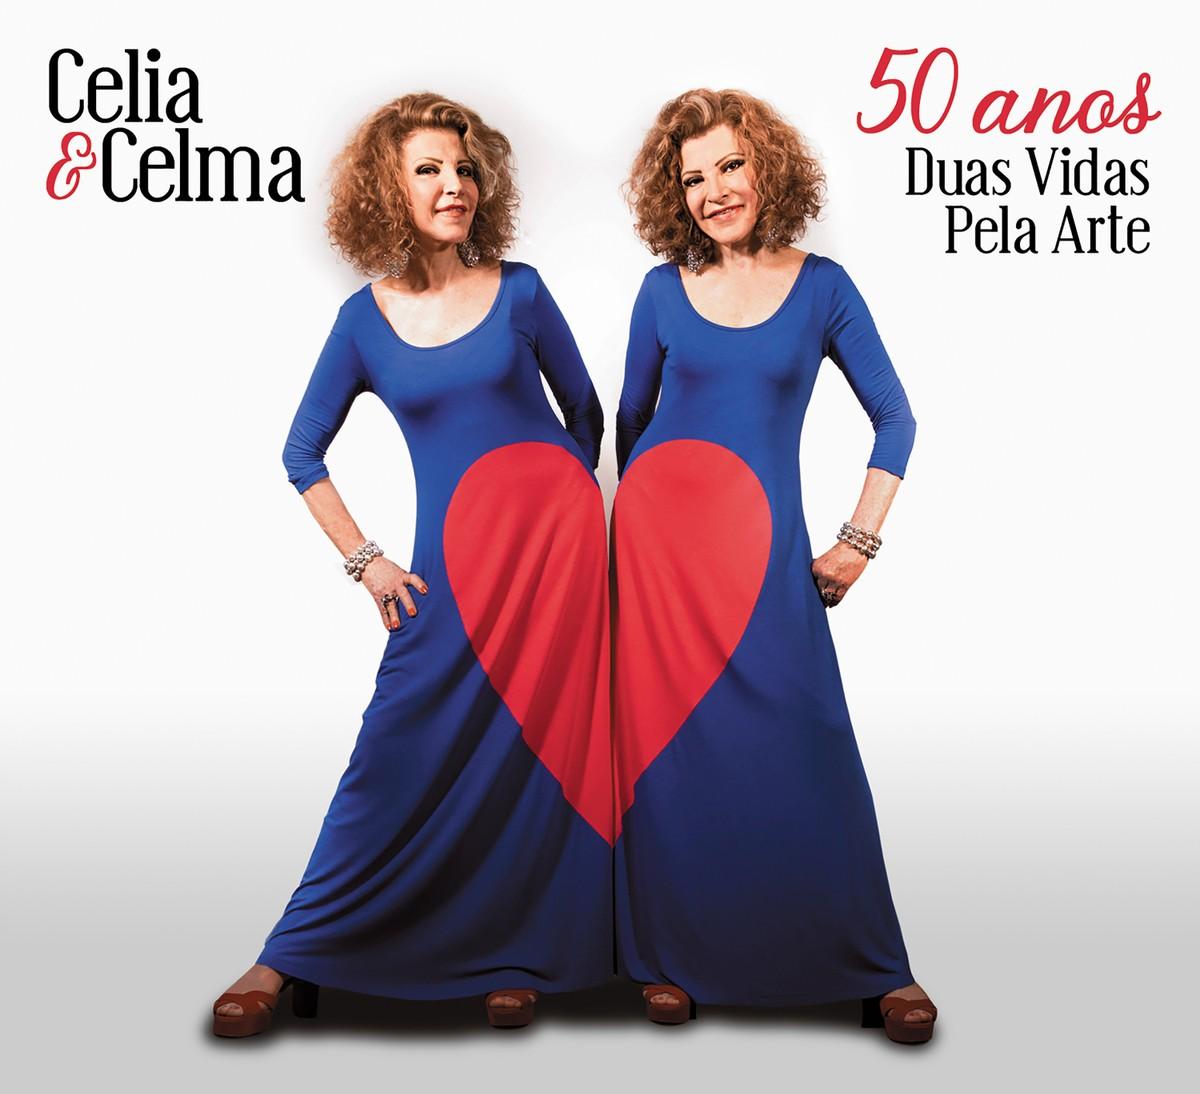 Celia & Celma revisam (mais de) 50 anos de vida musical em disco ao vivo | Blog do Mauro Ferreira